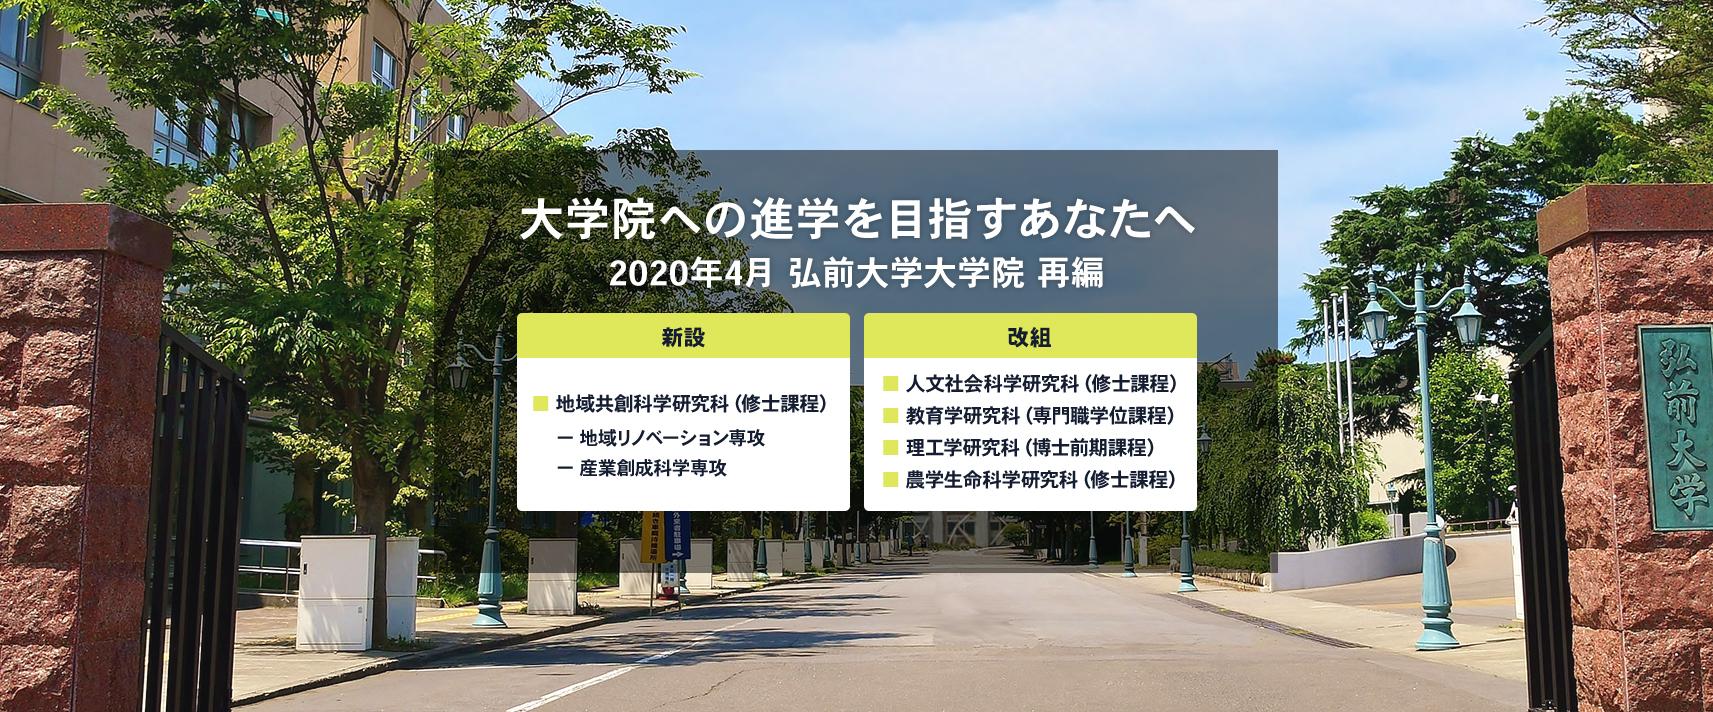 令和2年(2020年)4月 弘前大学大学院再編(地域共創科学研究科(仮称)新設・既存学科改組予定)